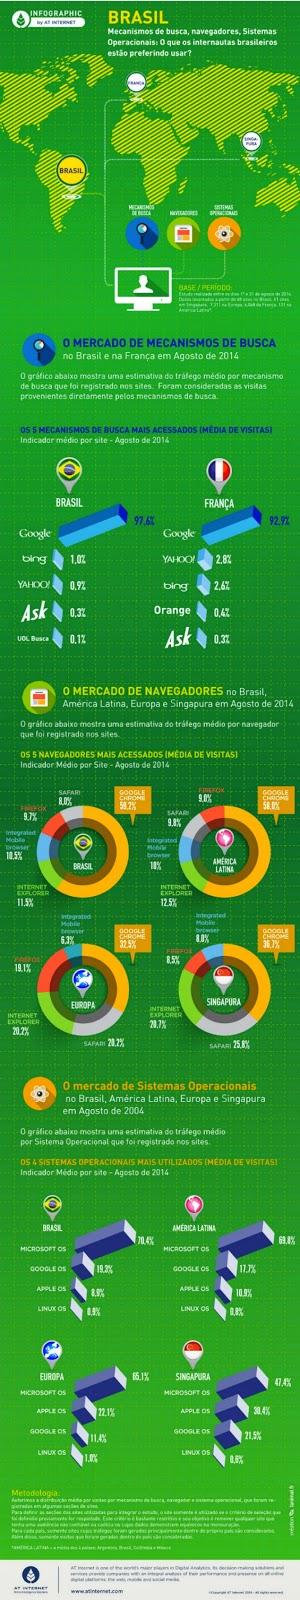 Quanto aos buscadores, o resultado não surpreende: 97,6% dos brasileiros utilizam o Google para realizar suas buscas. Outros mecanismos, como Yahoo!, Bing, Ask e UOL Busca, juntos não chegam a 3% dos usuários